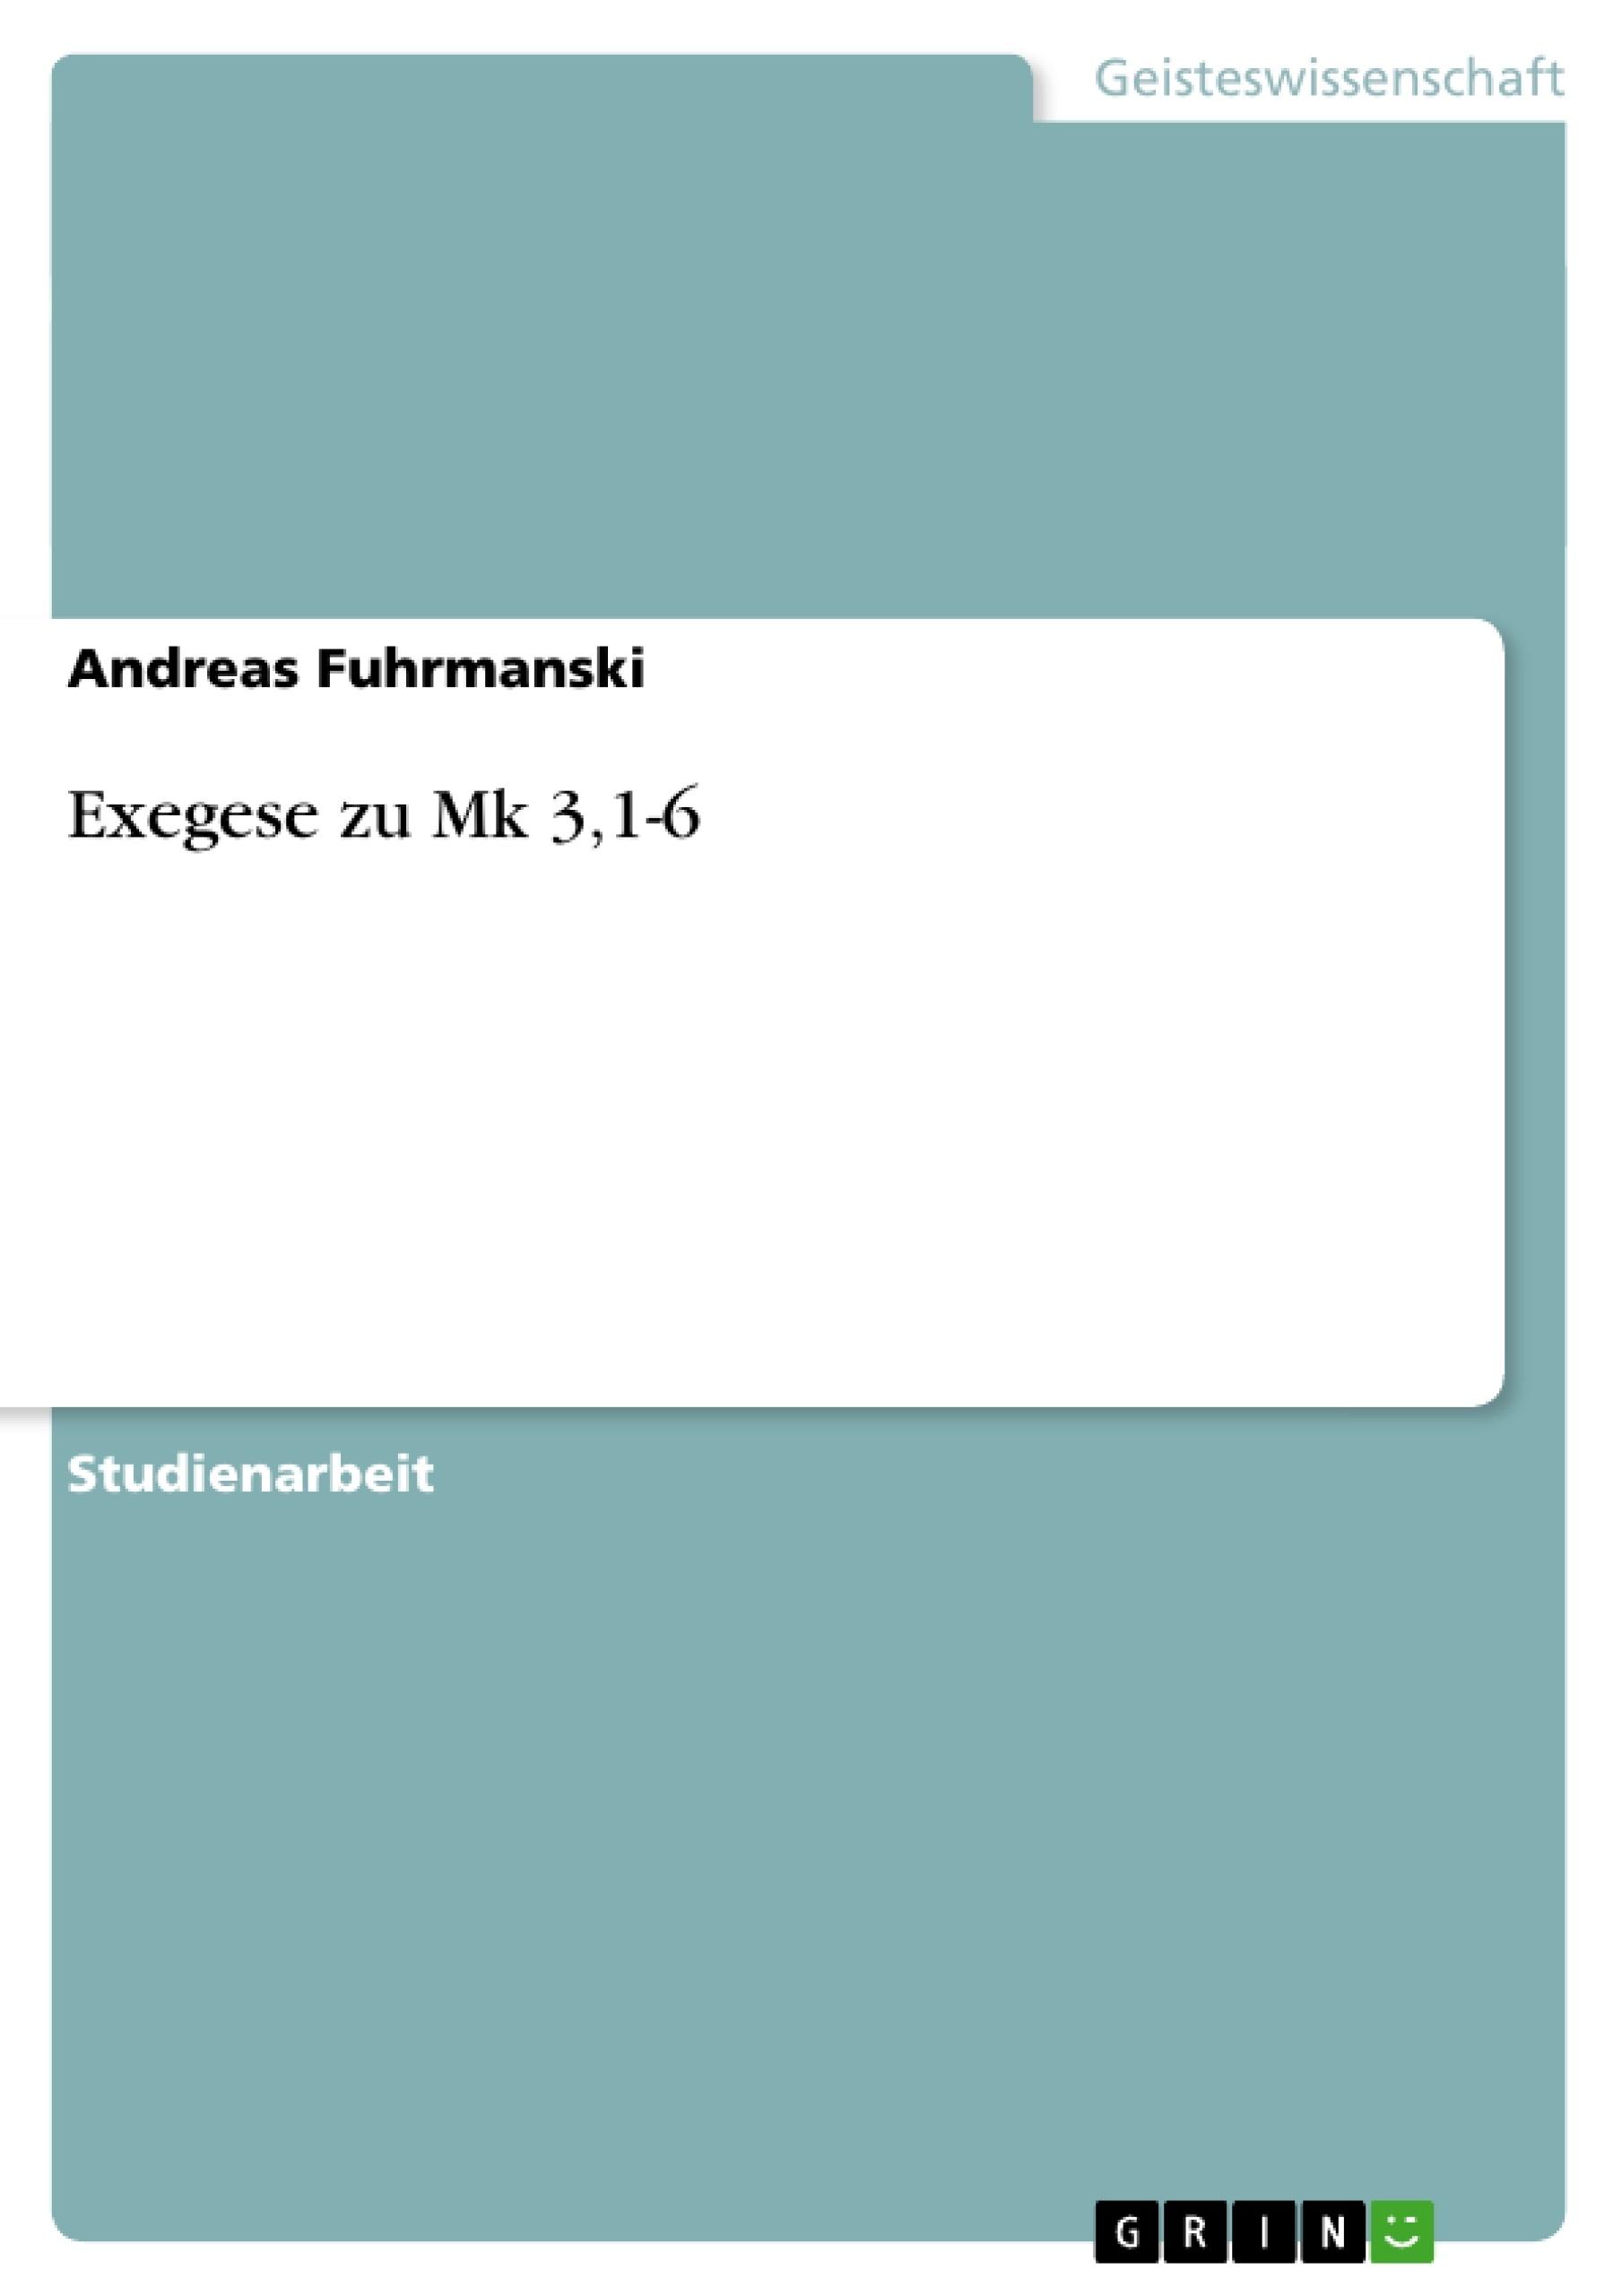 Titel: Exegese zu Mk 3,1-6